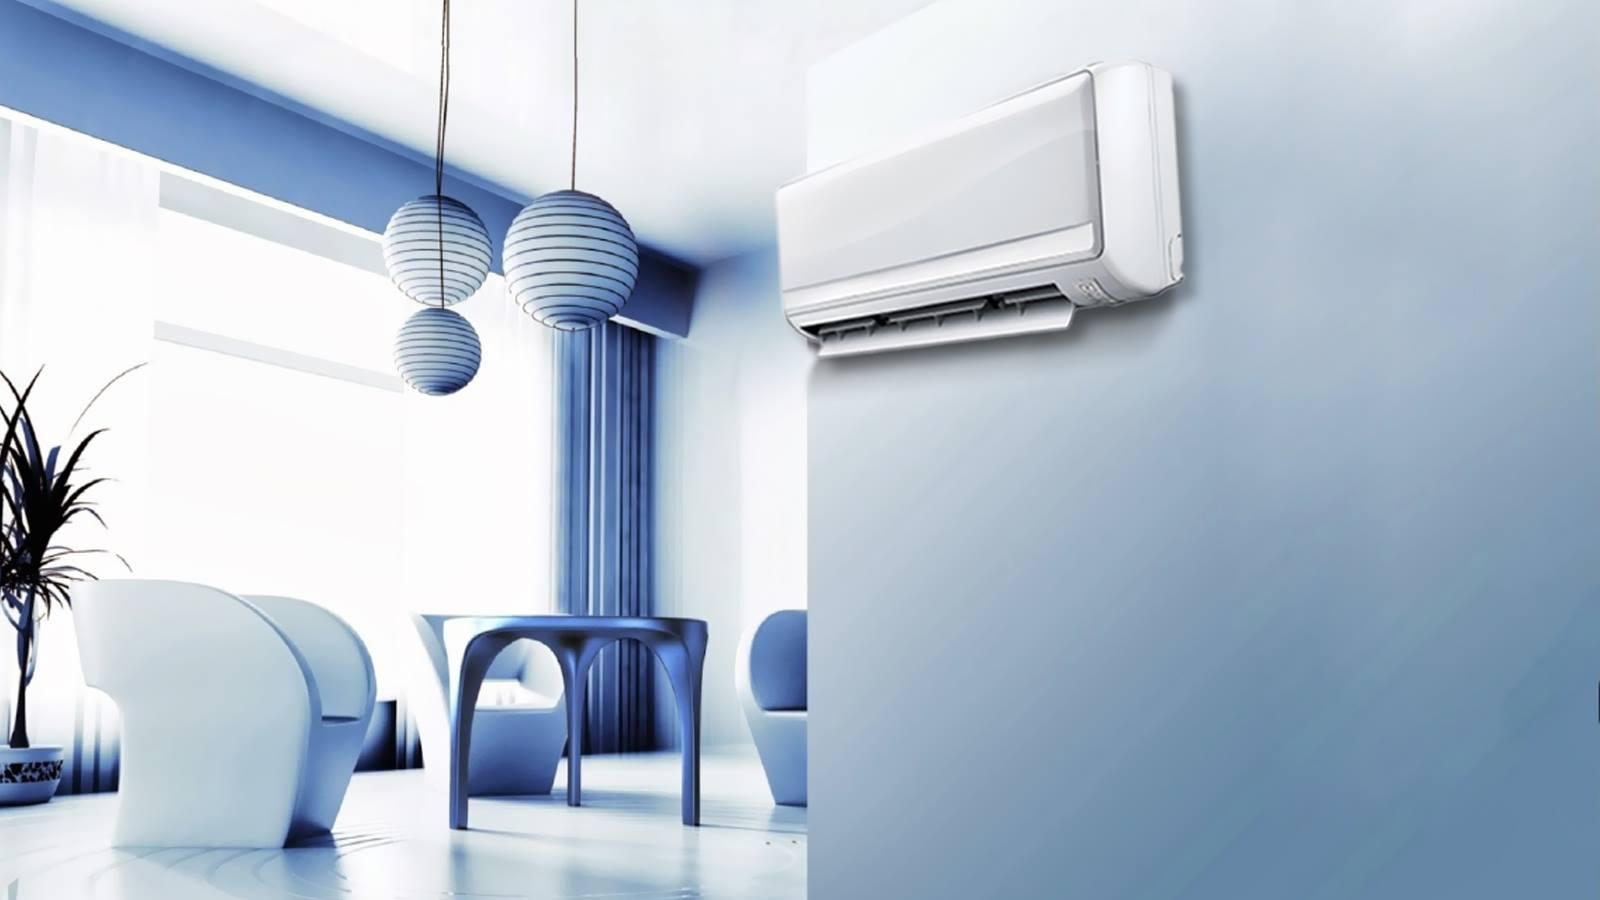 Aires acondicionados tiendas jumbo colombia - Humidificador para aire acondicionado ...